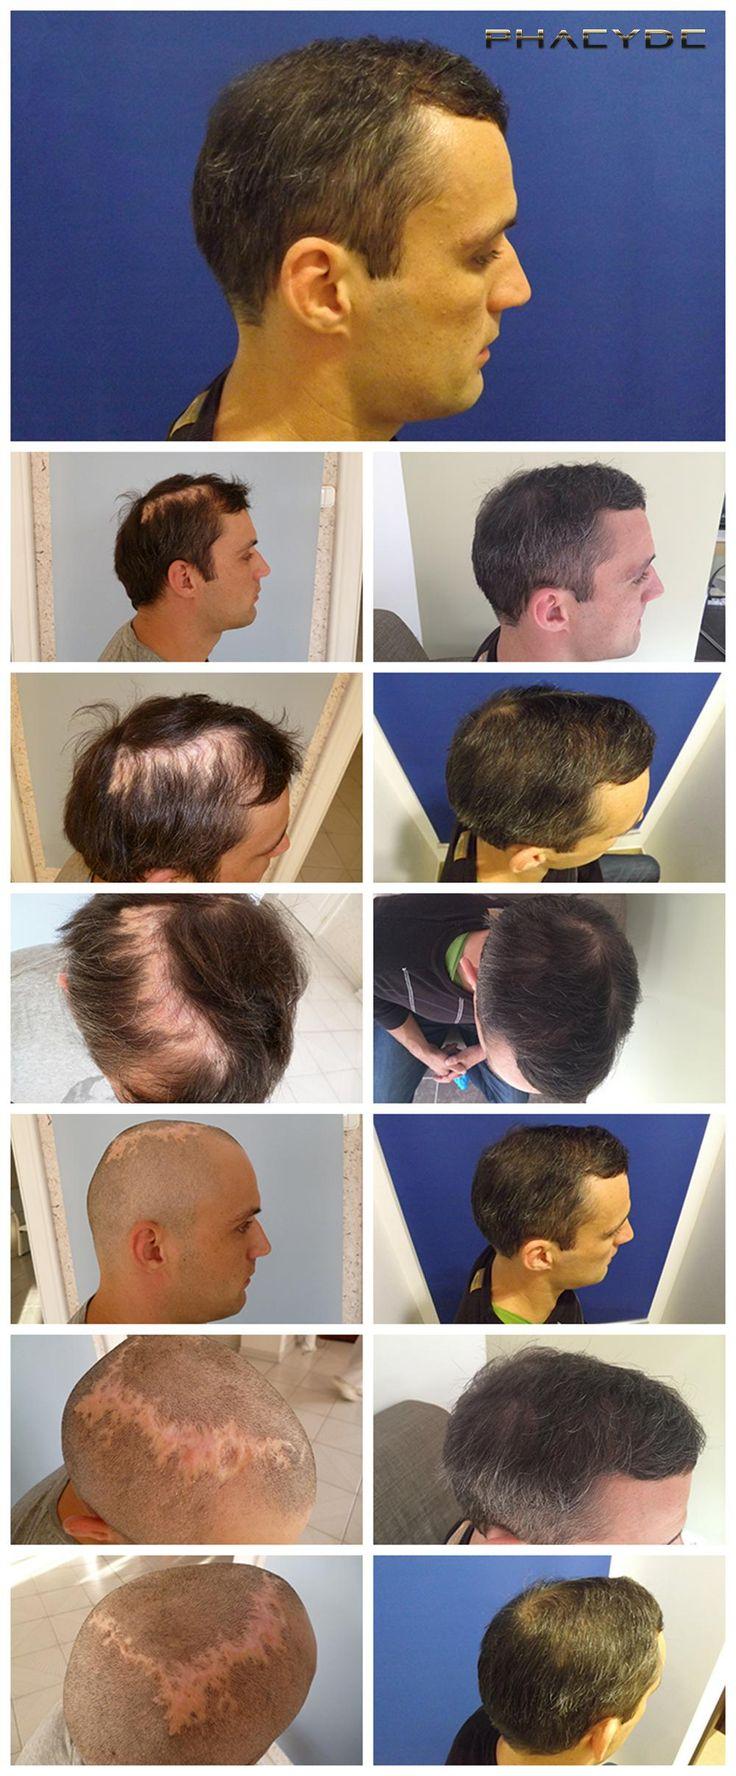 Peter förlorade en del av hans hår på grund av brand i sin barndom. Den hårtransplantation behandlingen gjordes av PHAEYDE Clinic i Budapest, var Hungary.5000 + hår implanteras under 12 timmar långt hår restaurering.  http://sv.phaeyde.com/har-implantation